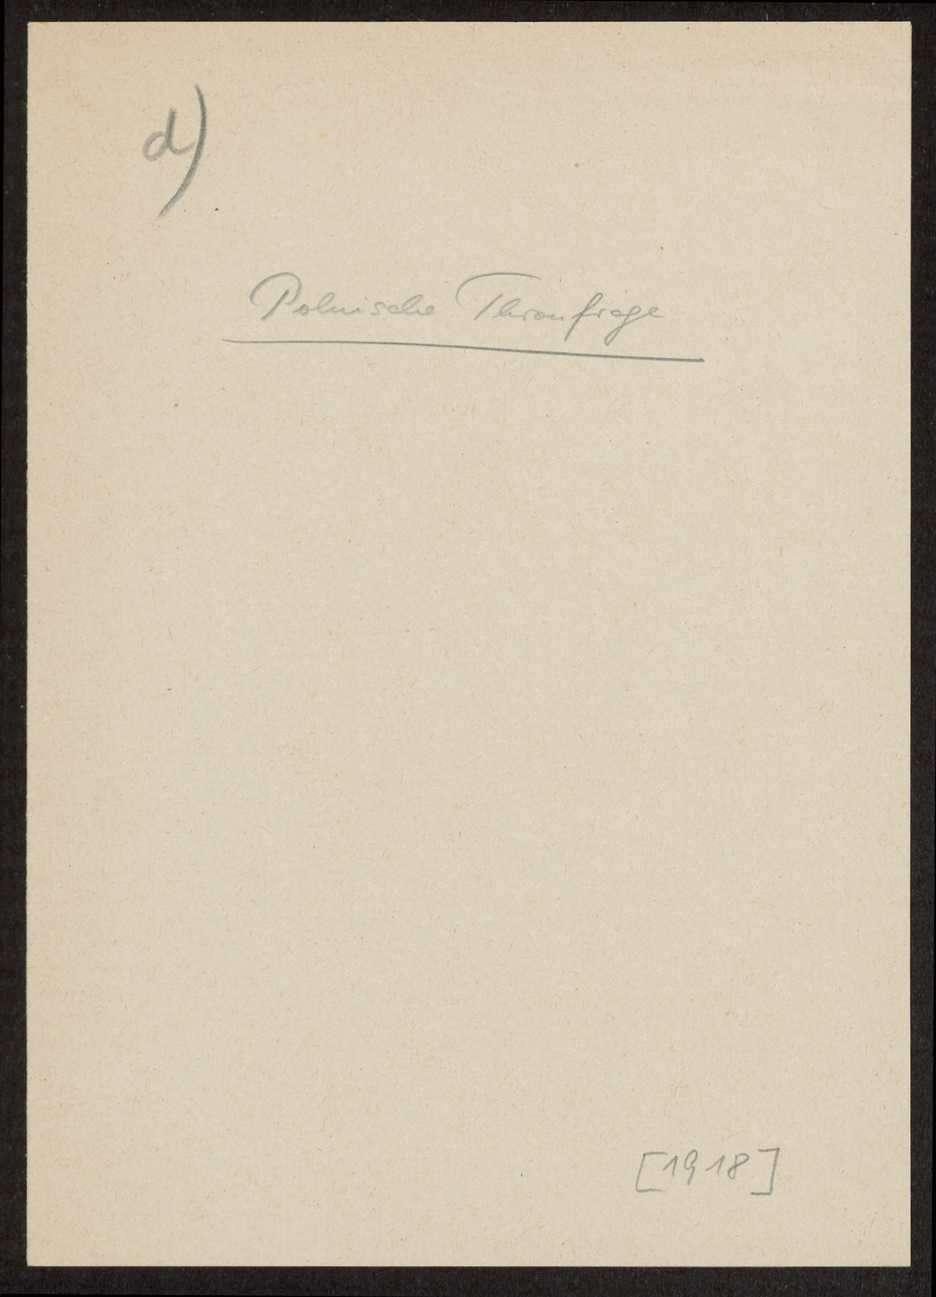 Schreiben von Herzog Albrecht und Herzog Philipp von Württemberg und Notizen betr. Familienangelegenheiten des herzoglichen Hauses, Bild 2